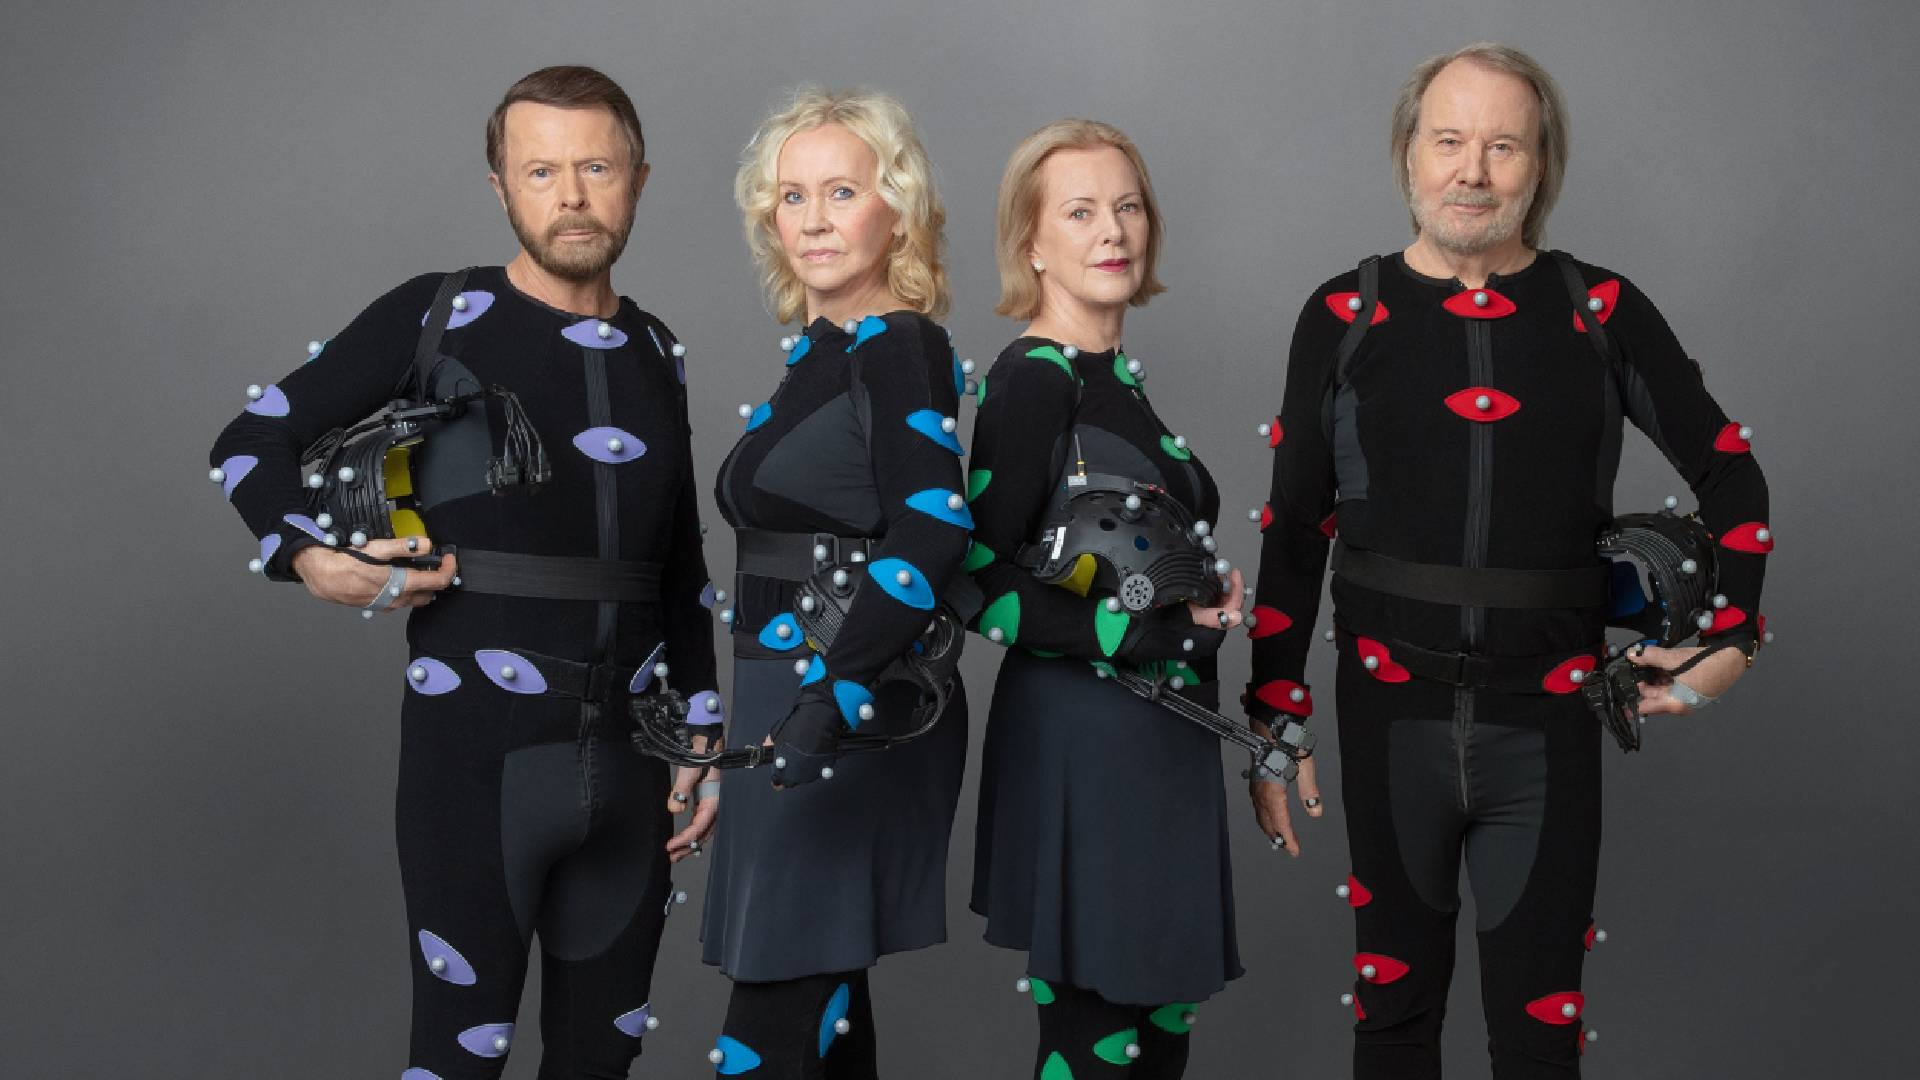 ABBA анонсировали новый альбом, впервые за 40 лет